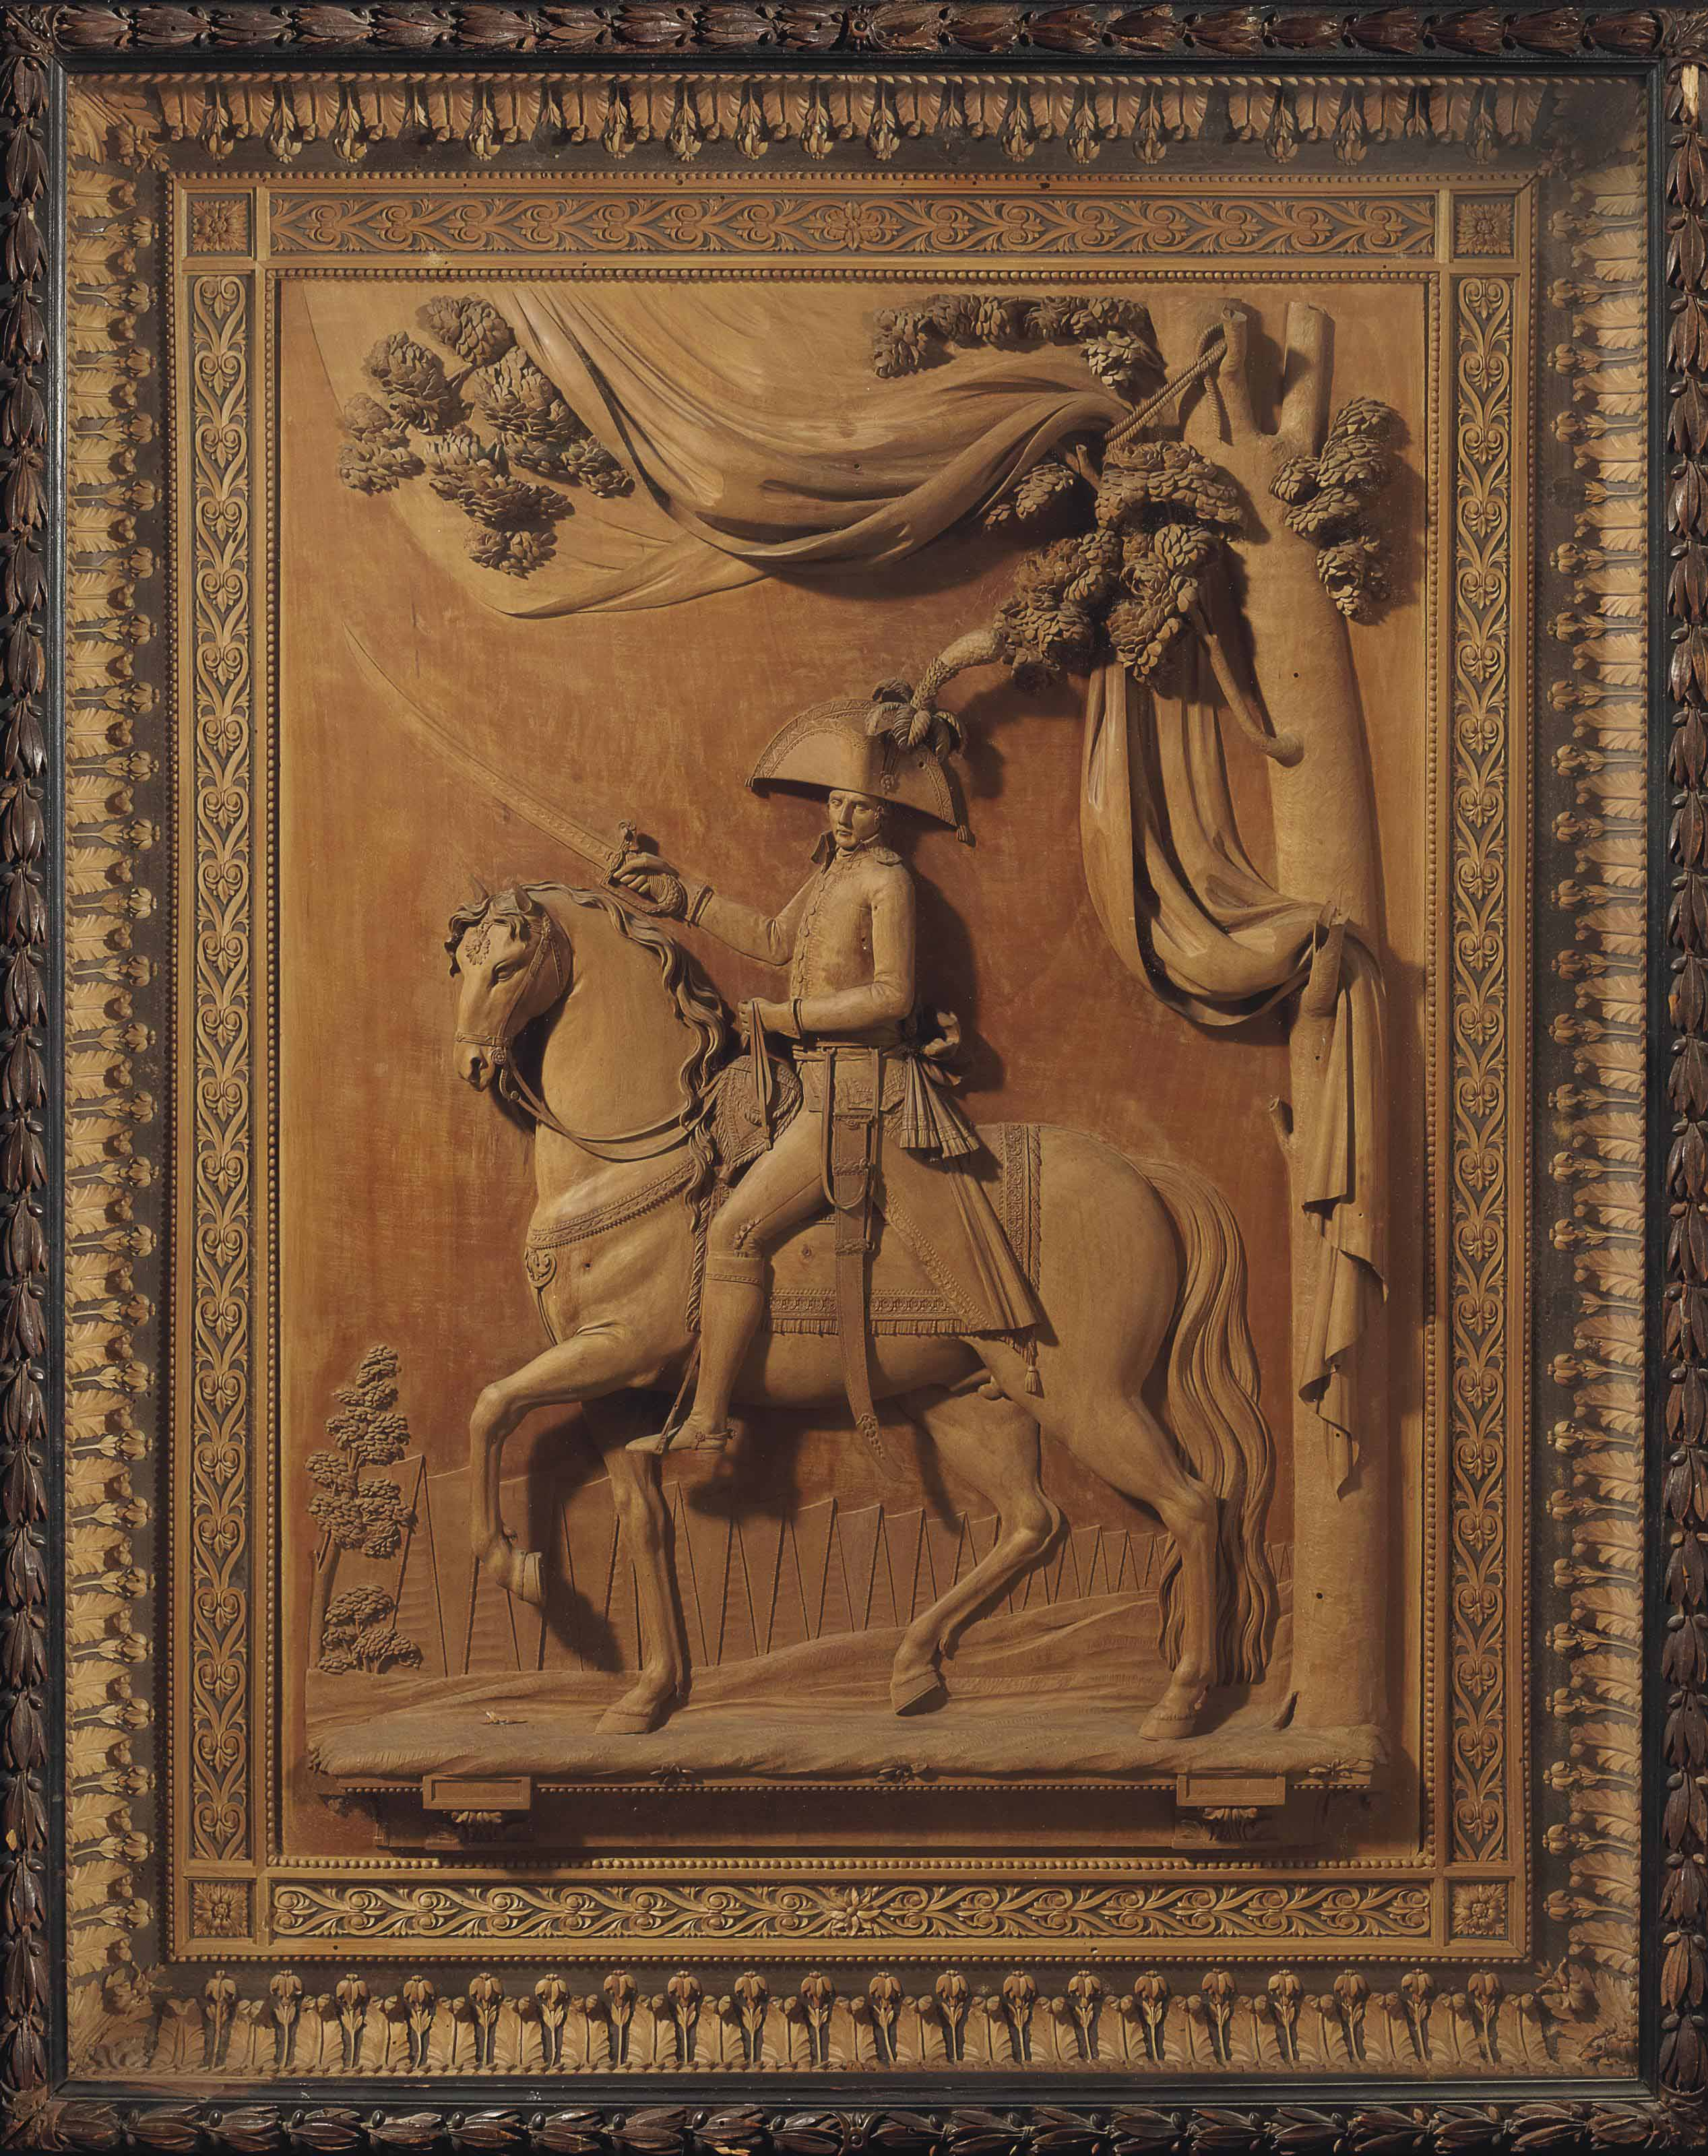 PANNEAU EN BOIS SCULPTE REPRESENTANT PROBABLEMENT LE MARECHAL ANDRE MASSENA (1758-1817)